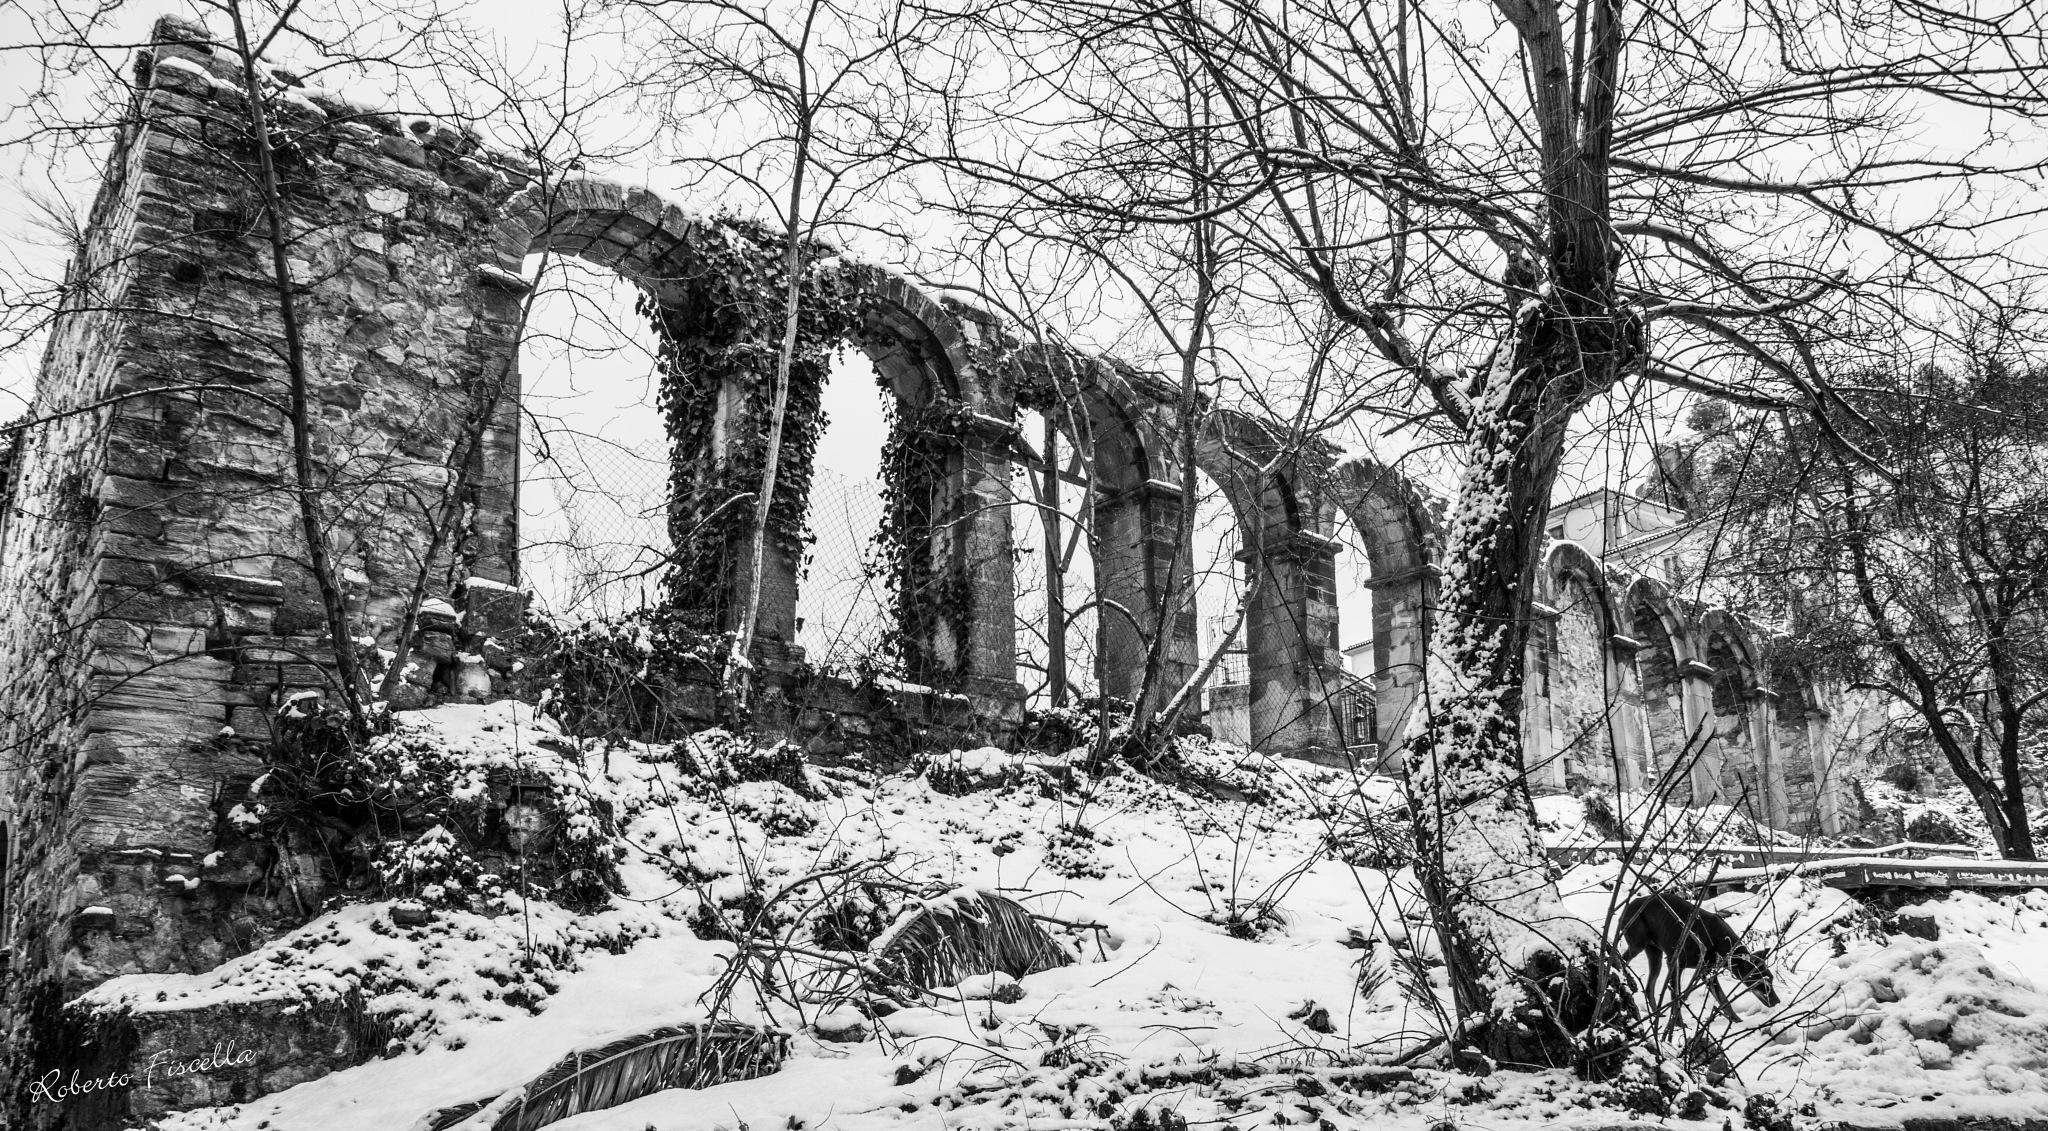 Le scuole vecchie sotto la neve... by Roberto Fiscella